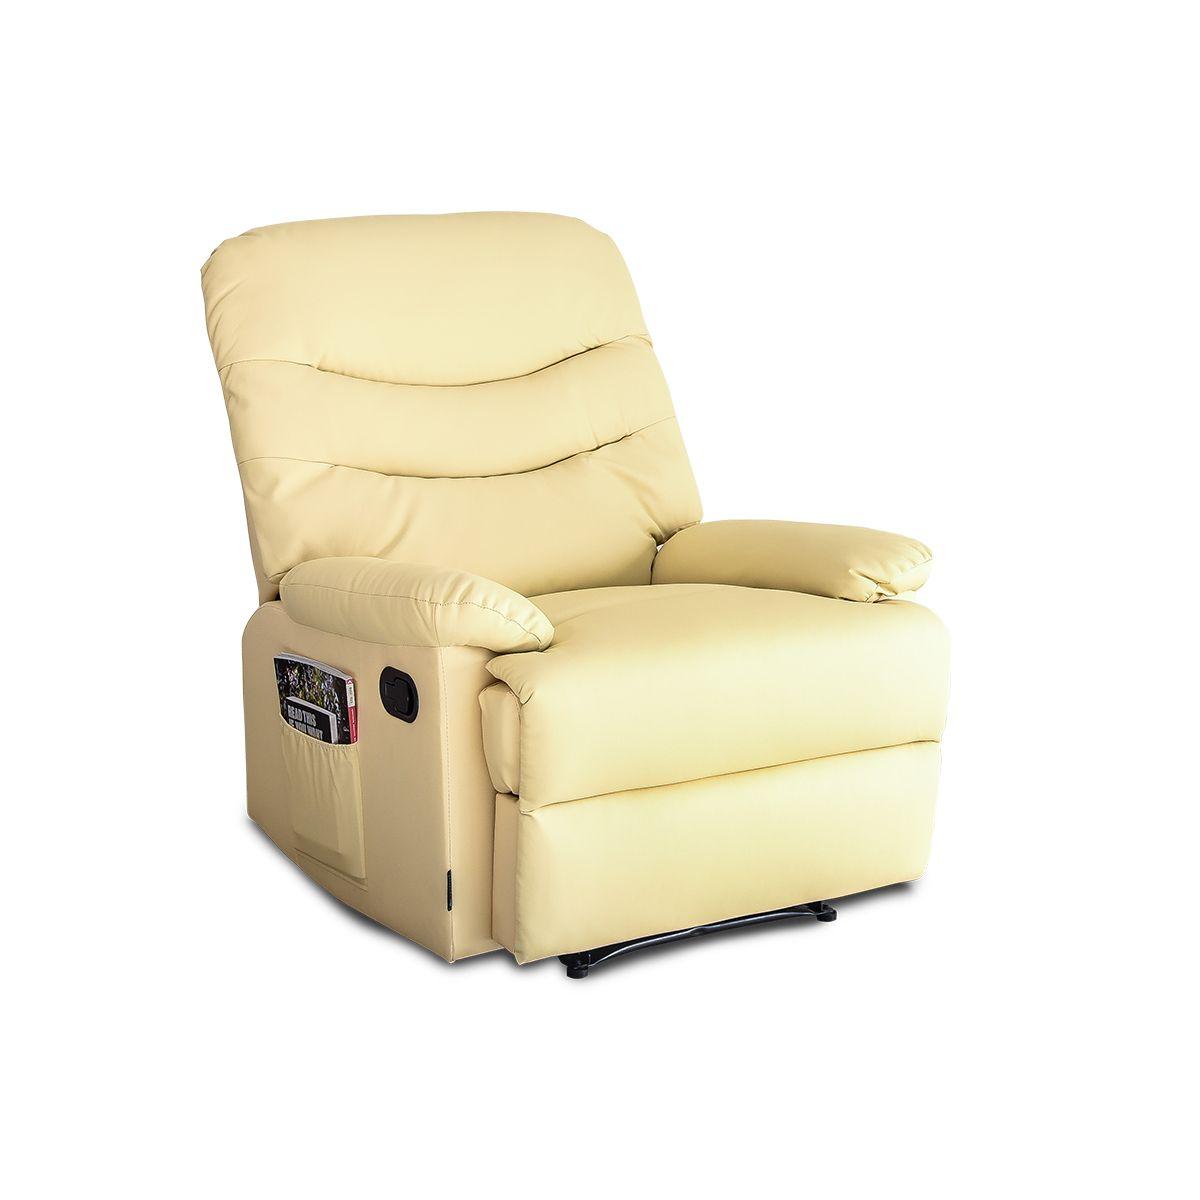 Sillón Relax Termoterapia Reclinable Coomodo AH-AR30200 3